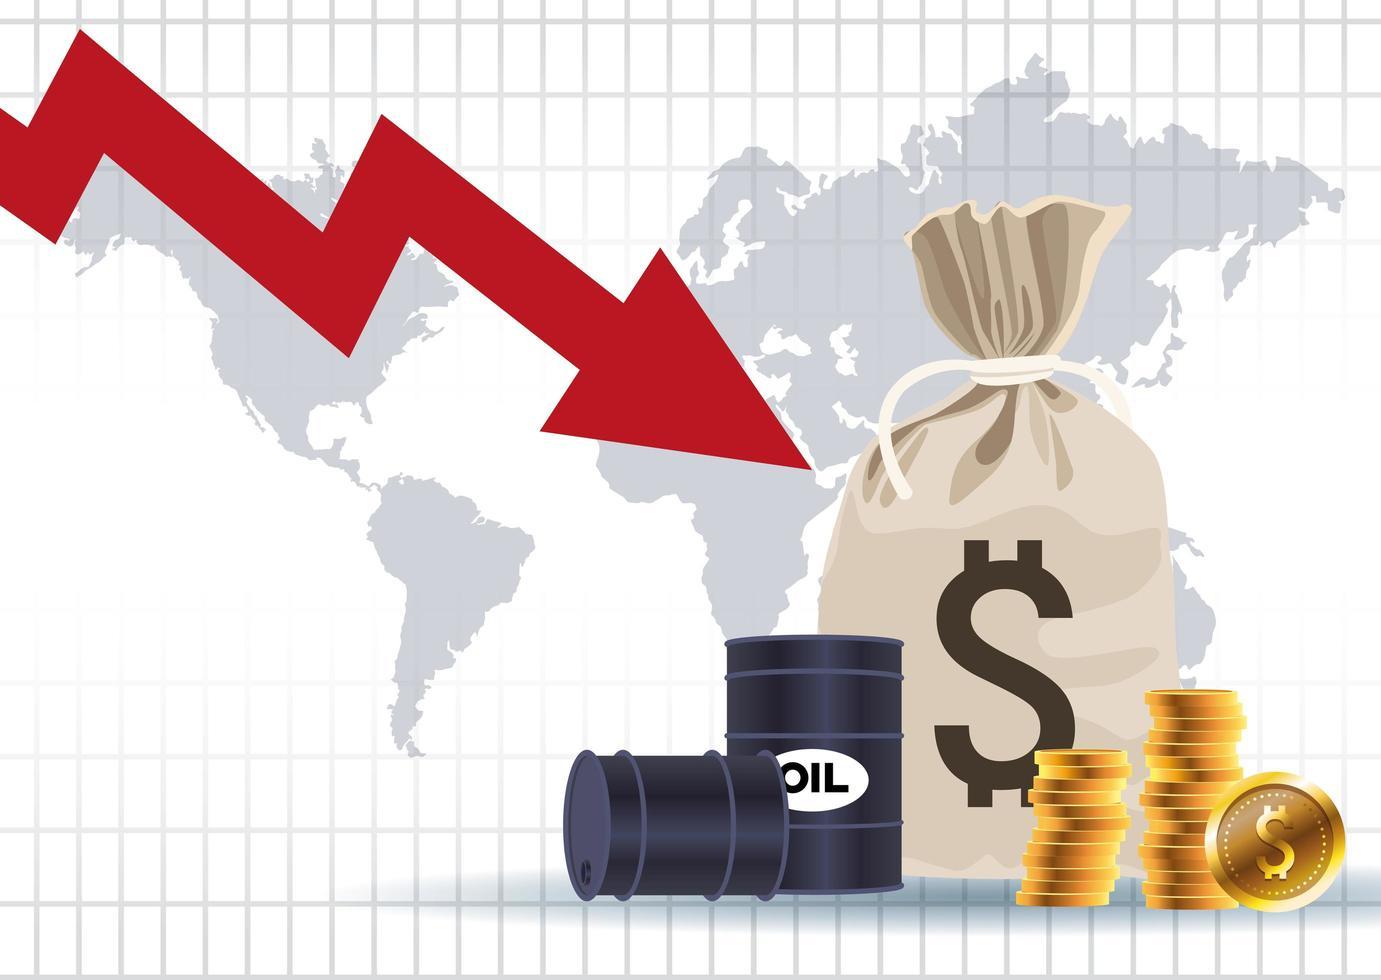 mercado de precios del petróleo con barriles y monedas bolsa de dinero vector